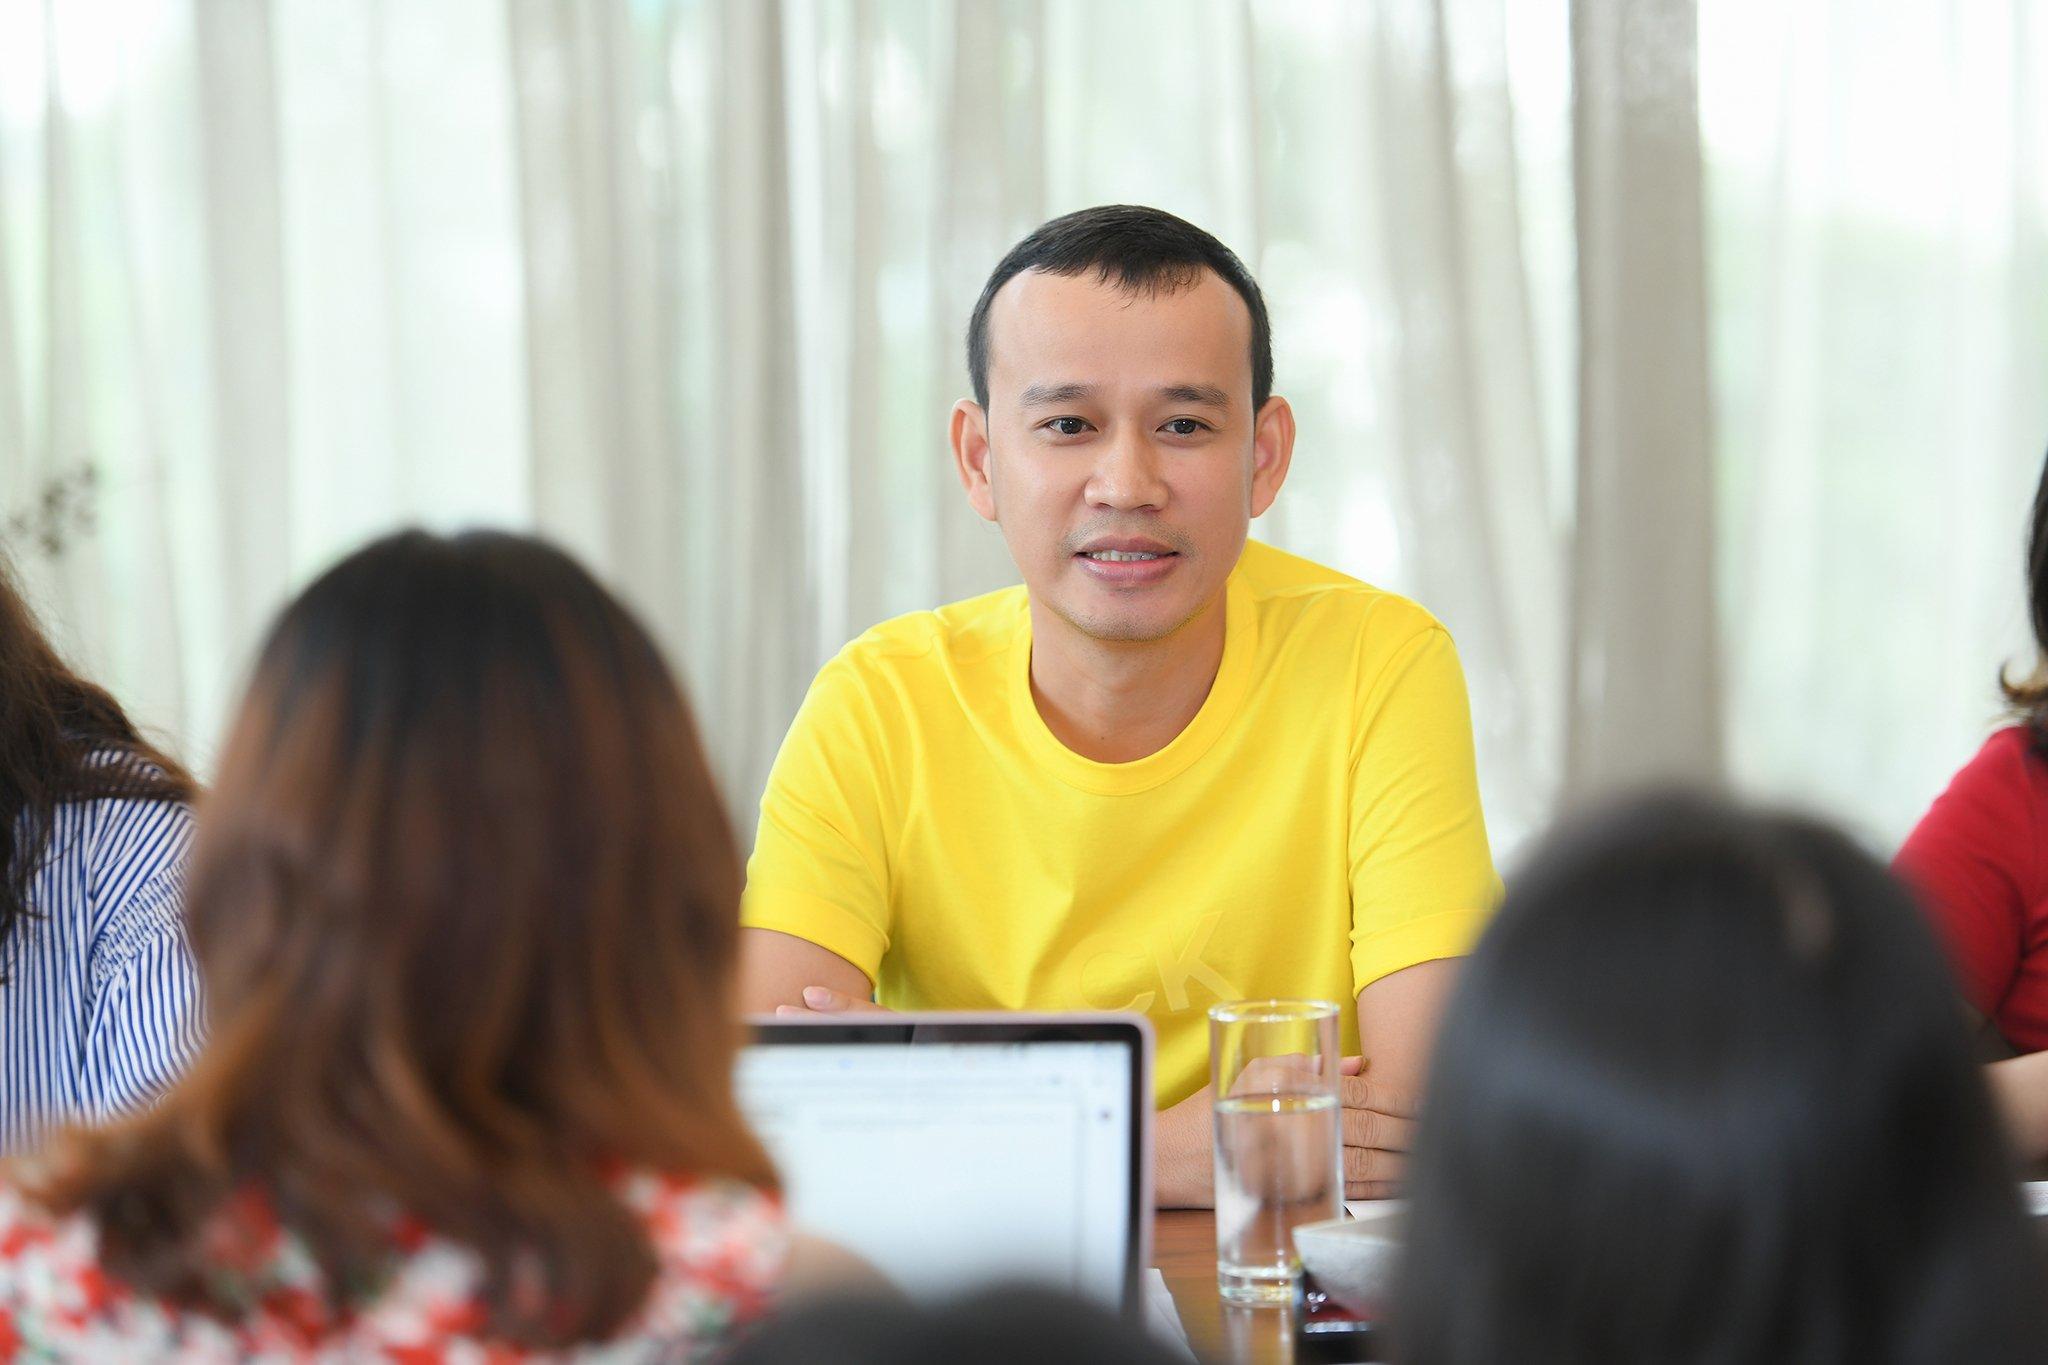 Phúc Nguyễn: 'Hẹn Phương Khánh nhiều lần giải quyết tiền nong nhưng không có mặt' 1